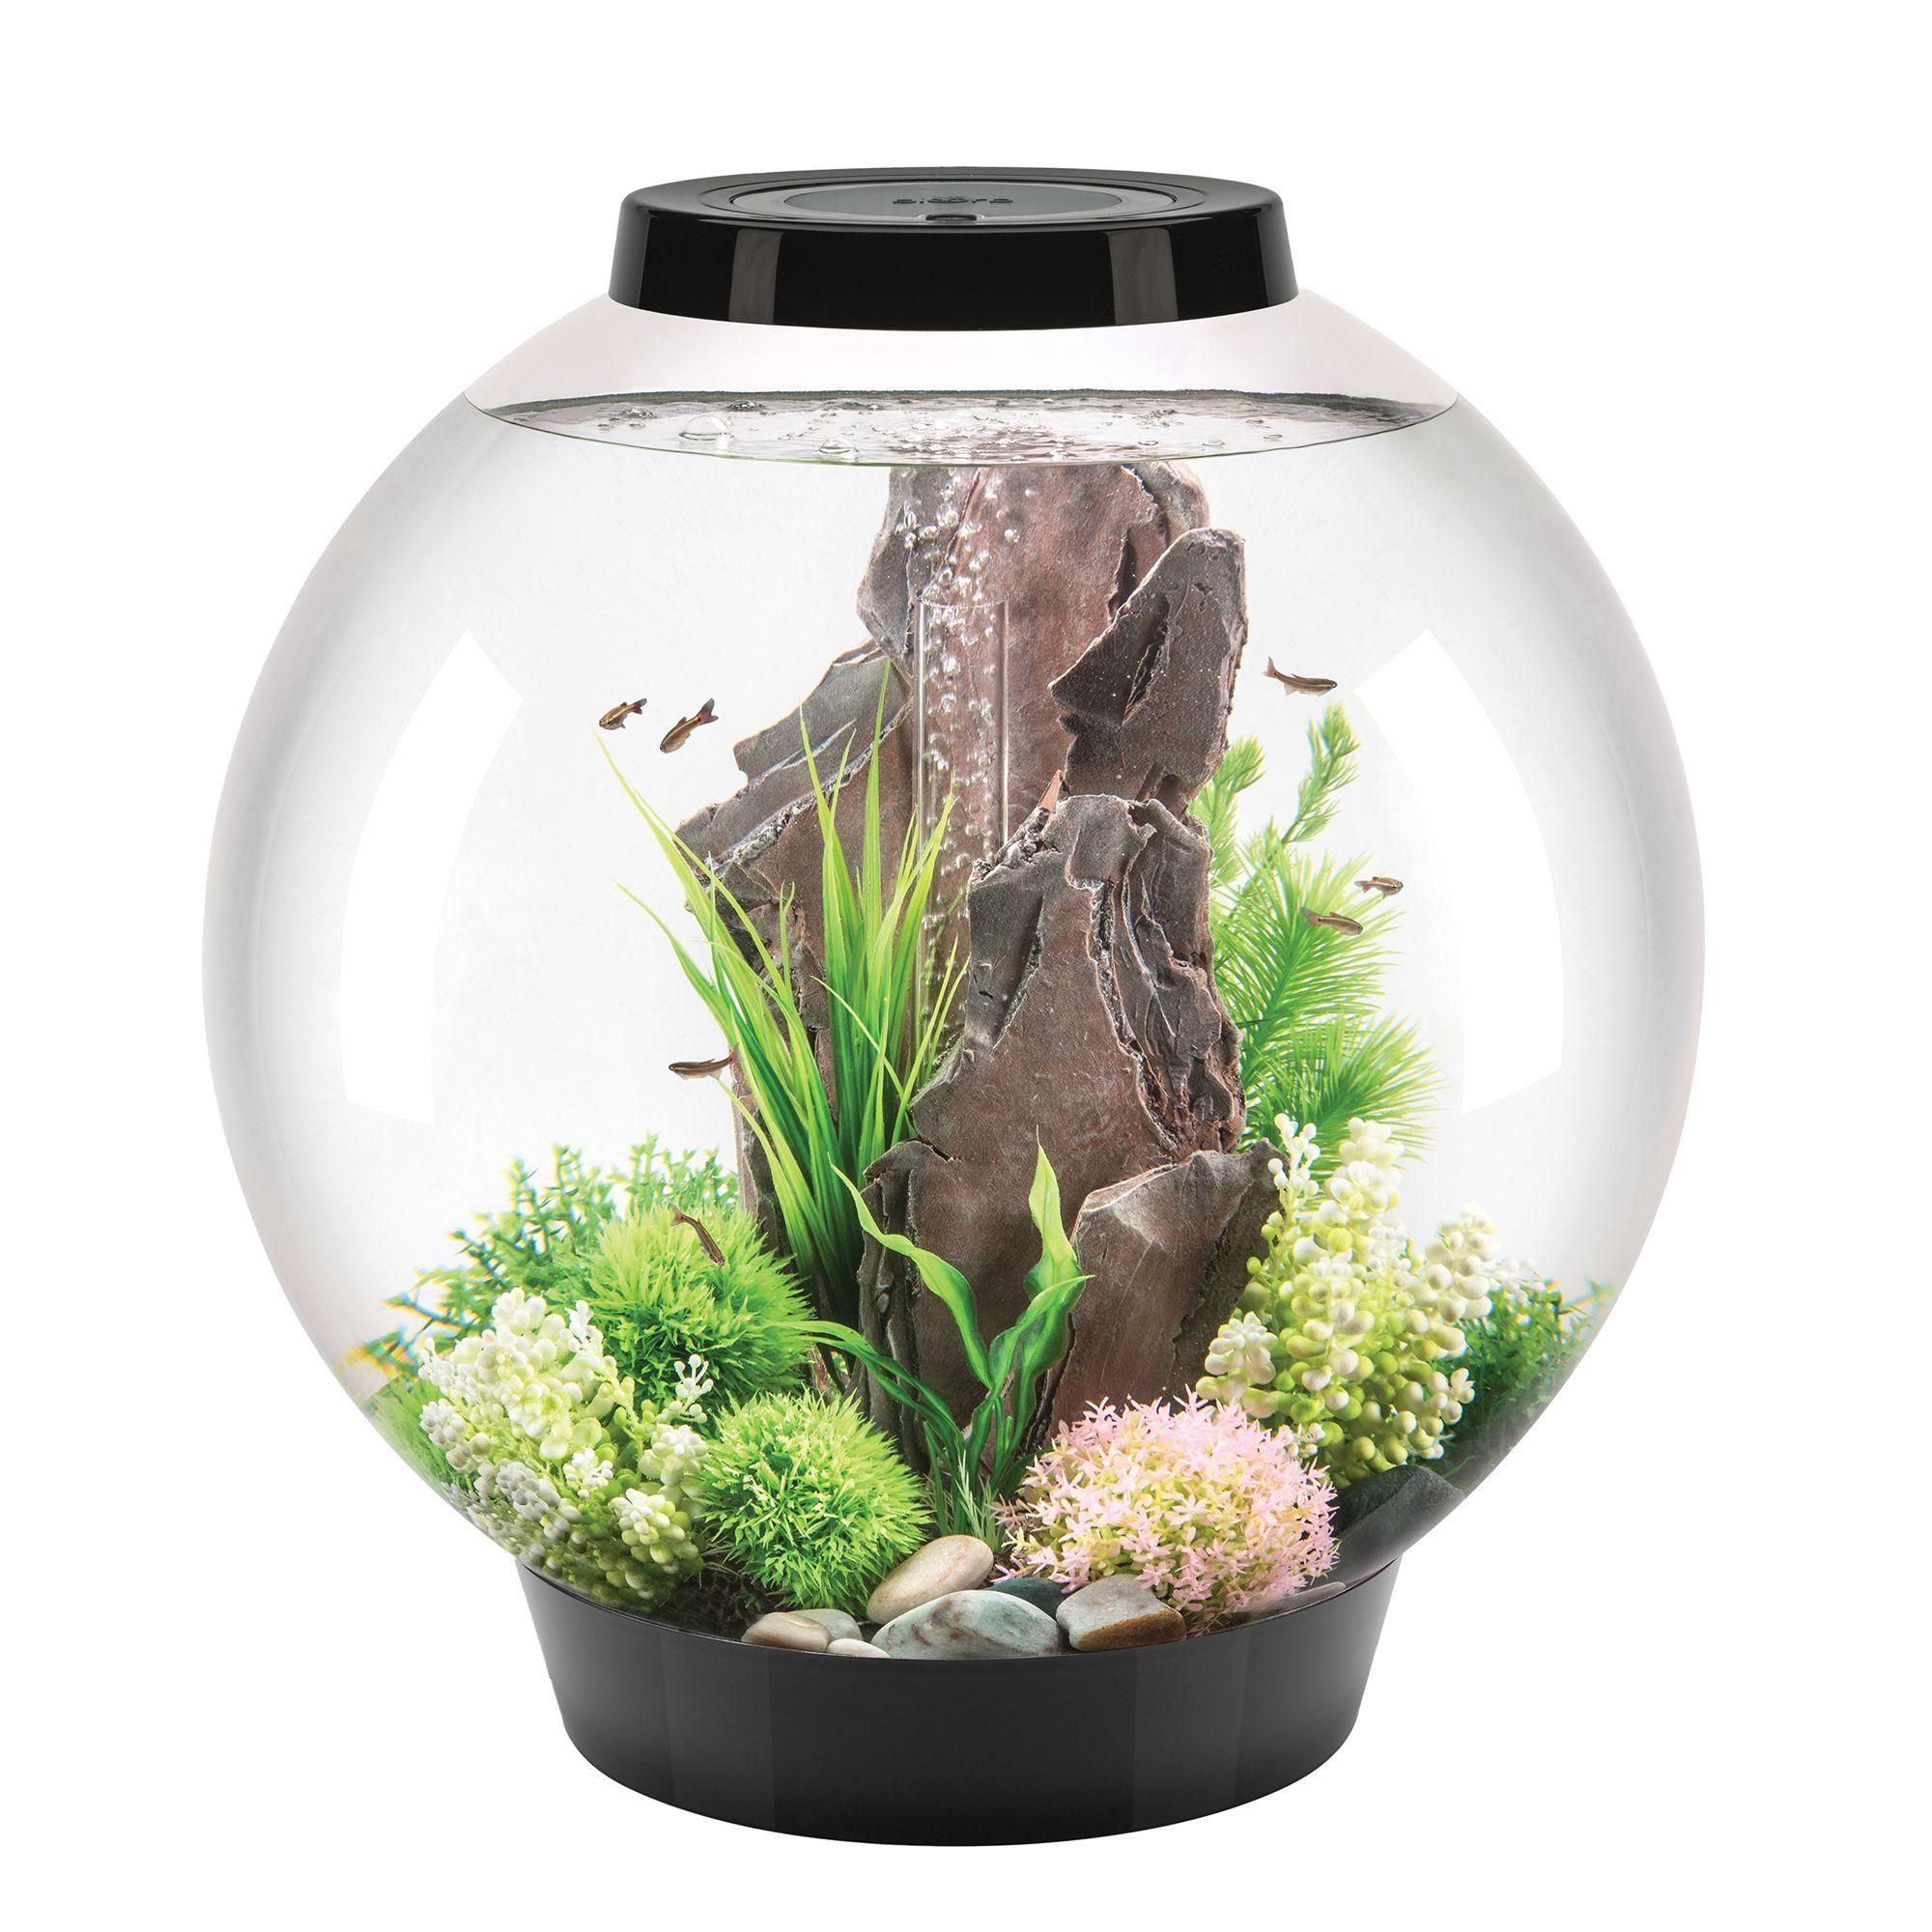 Biorb Classic 16 Gallon Led Aquarium Black